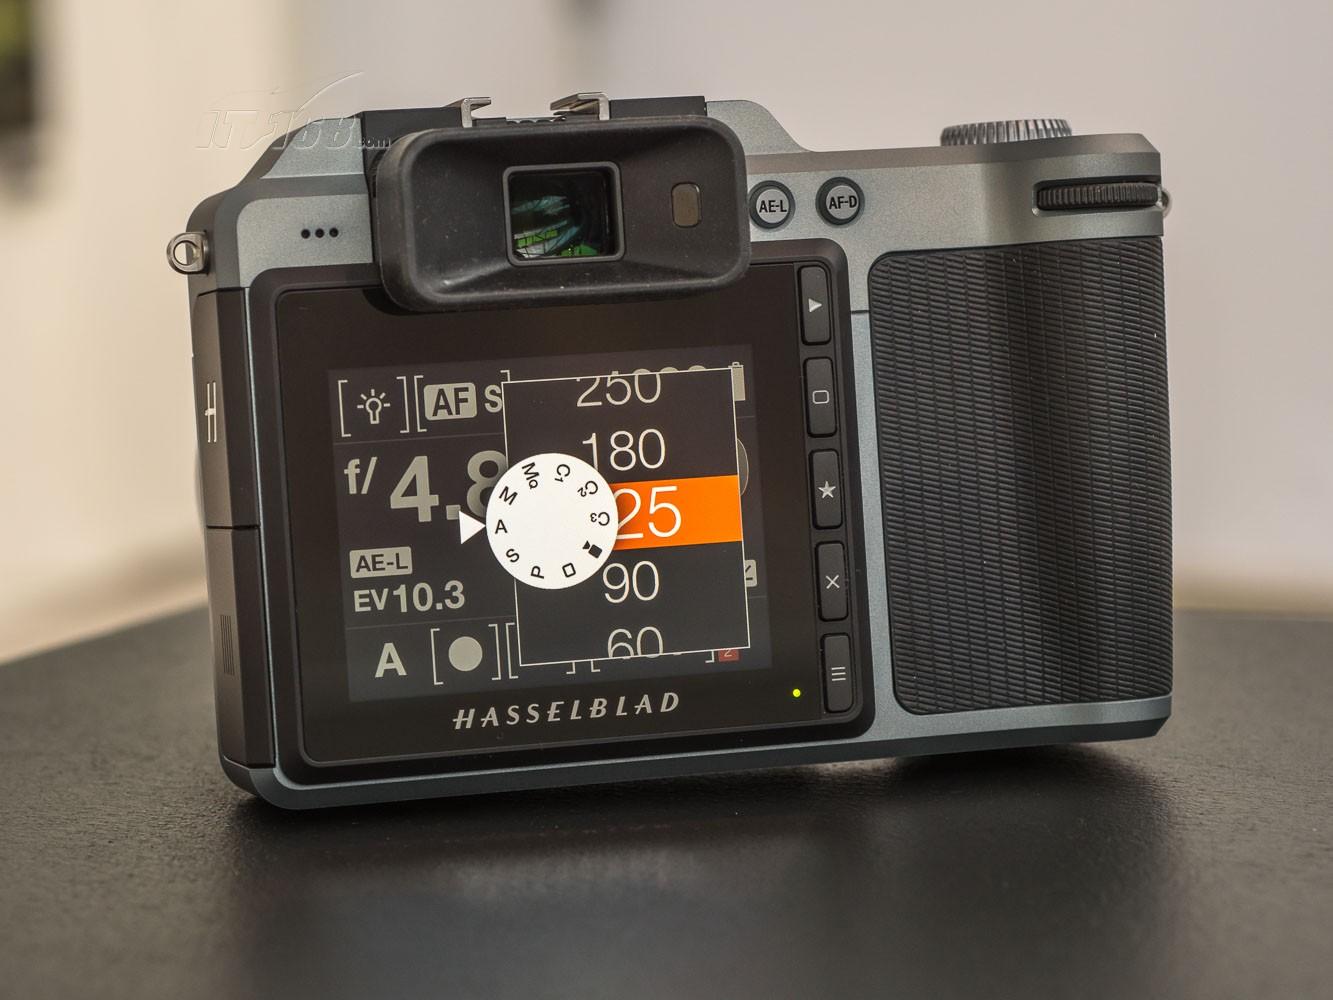 哈苏x1d 无反相机数码相机产品图片10素材-it168数码